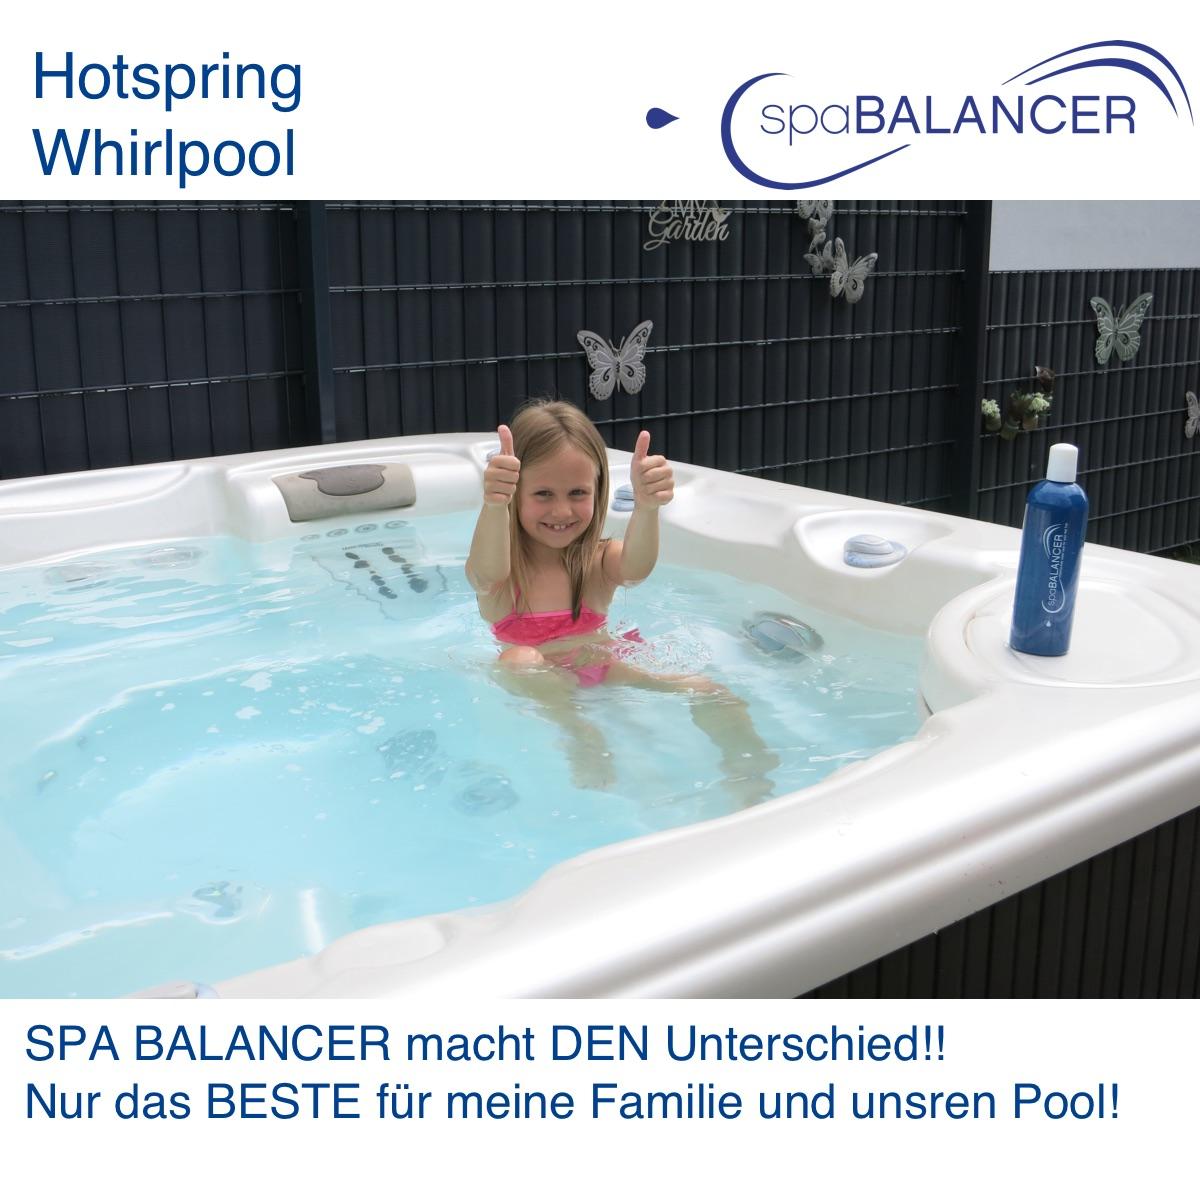 Bekannt Hotspring Whirlpool ohne Chlor | SpaBalancer VZ19